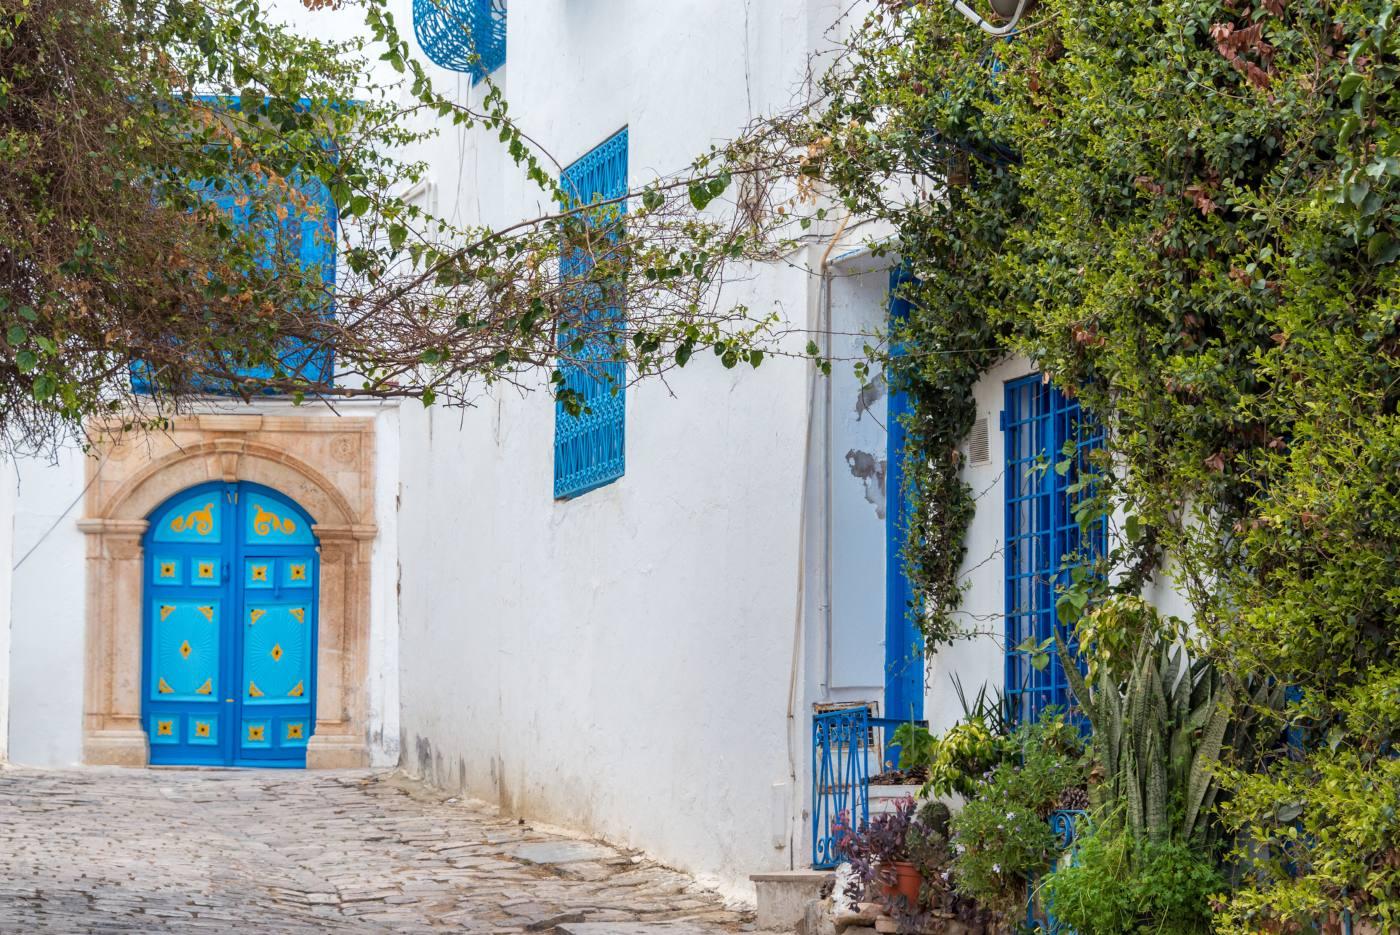 Casas típicas de Sidi Bou Said